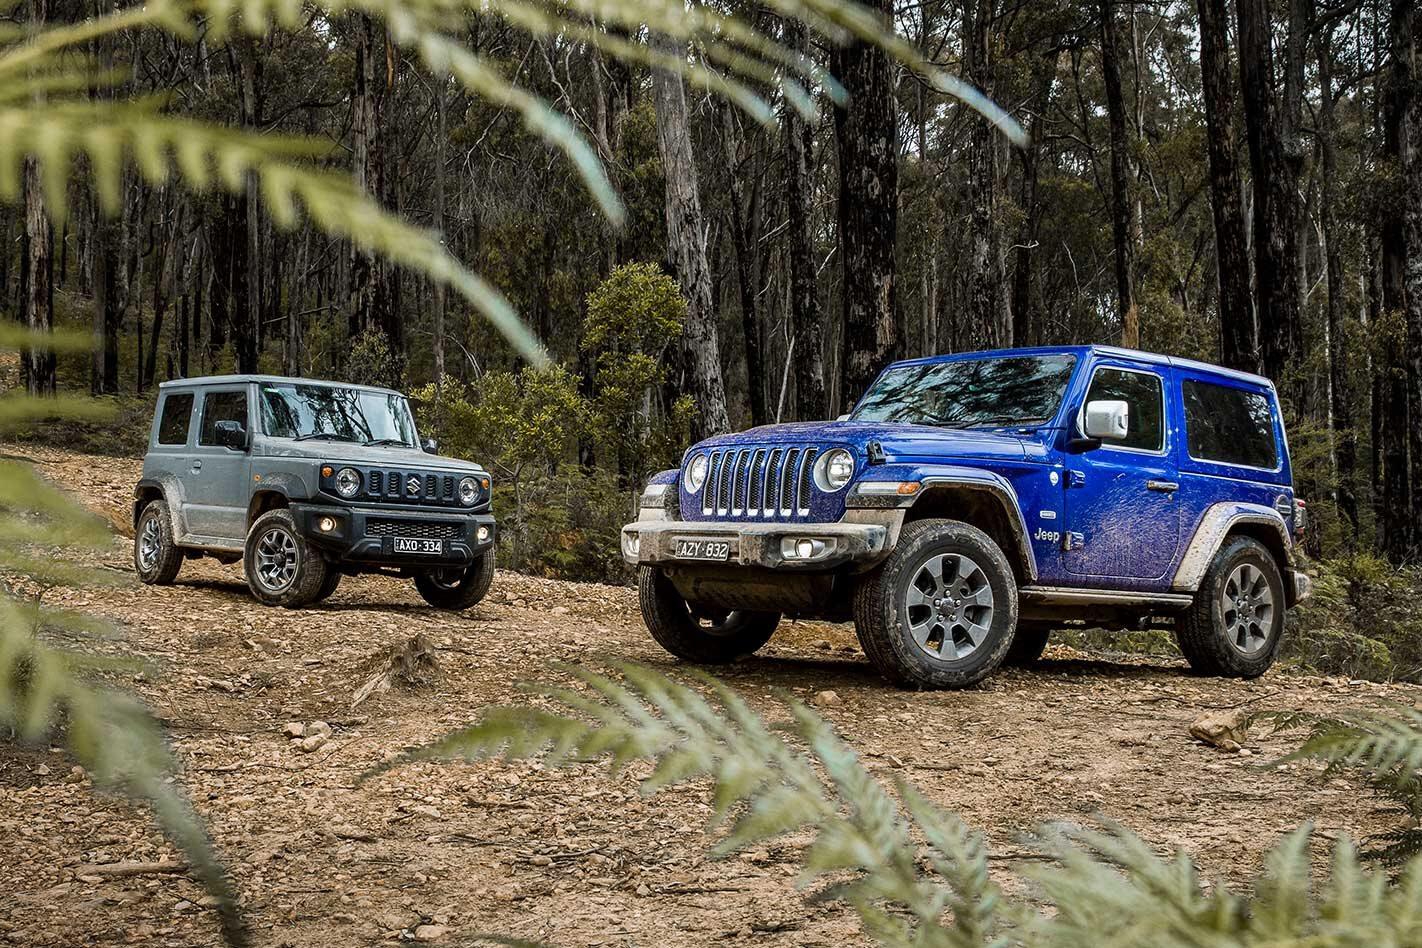 Suzuki Jimny vs Jeep Wrangler Overland comparison